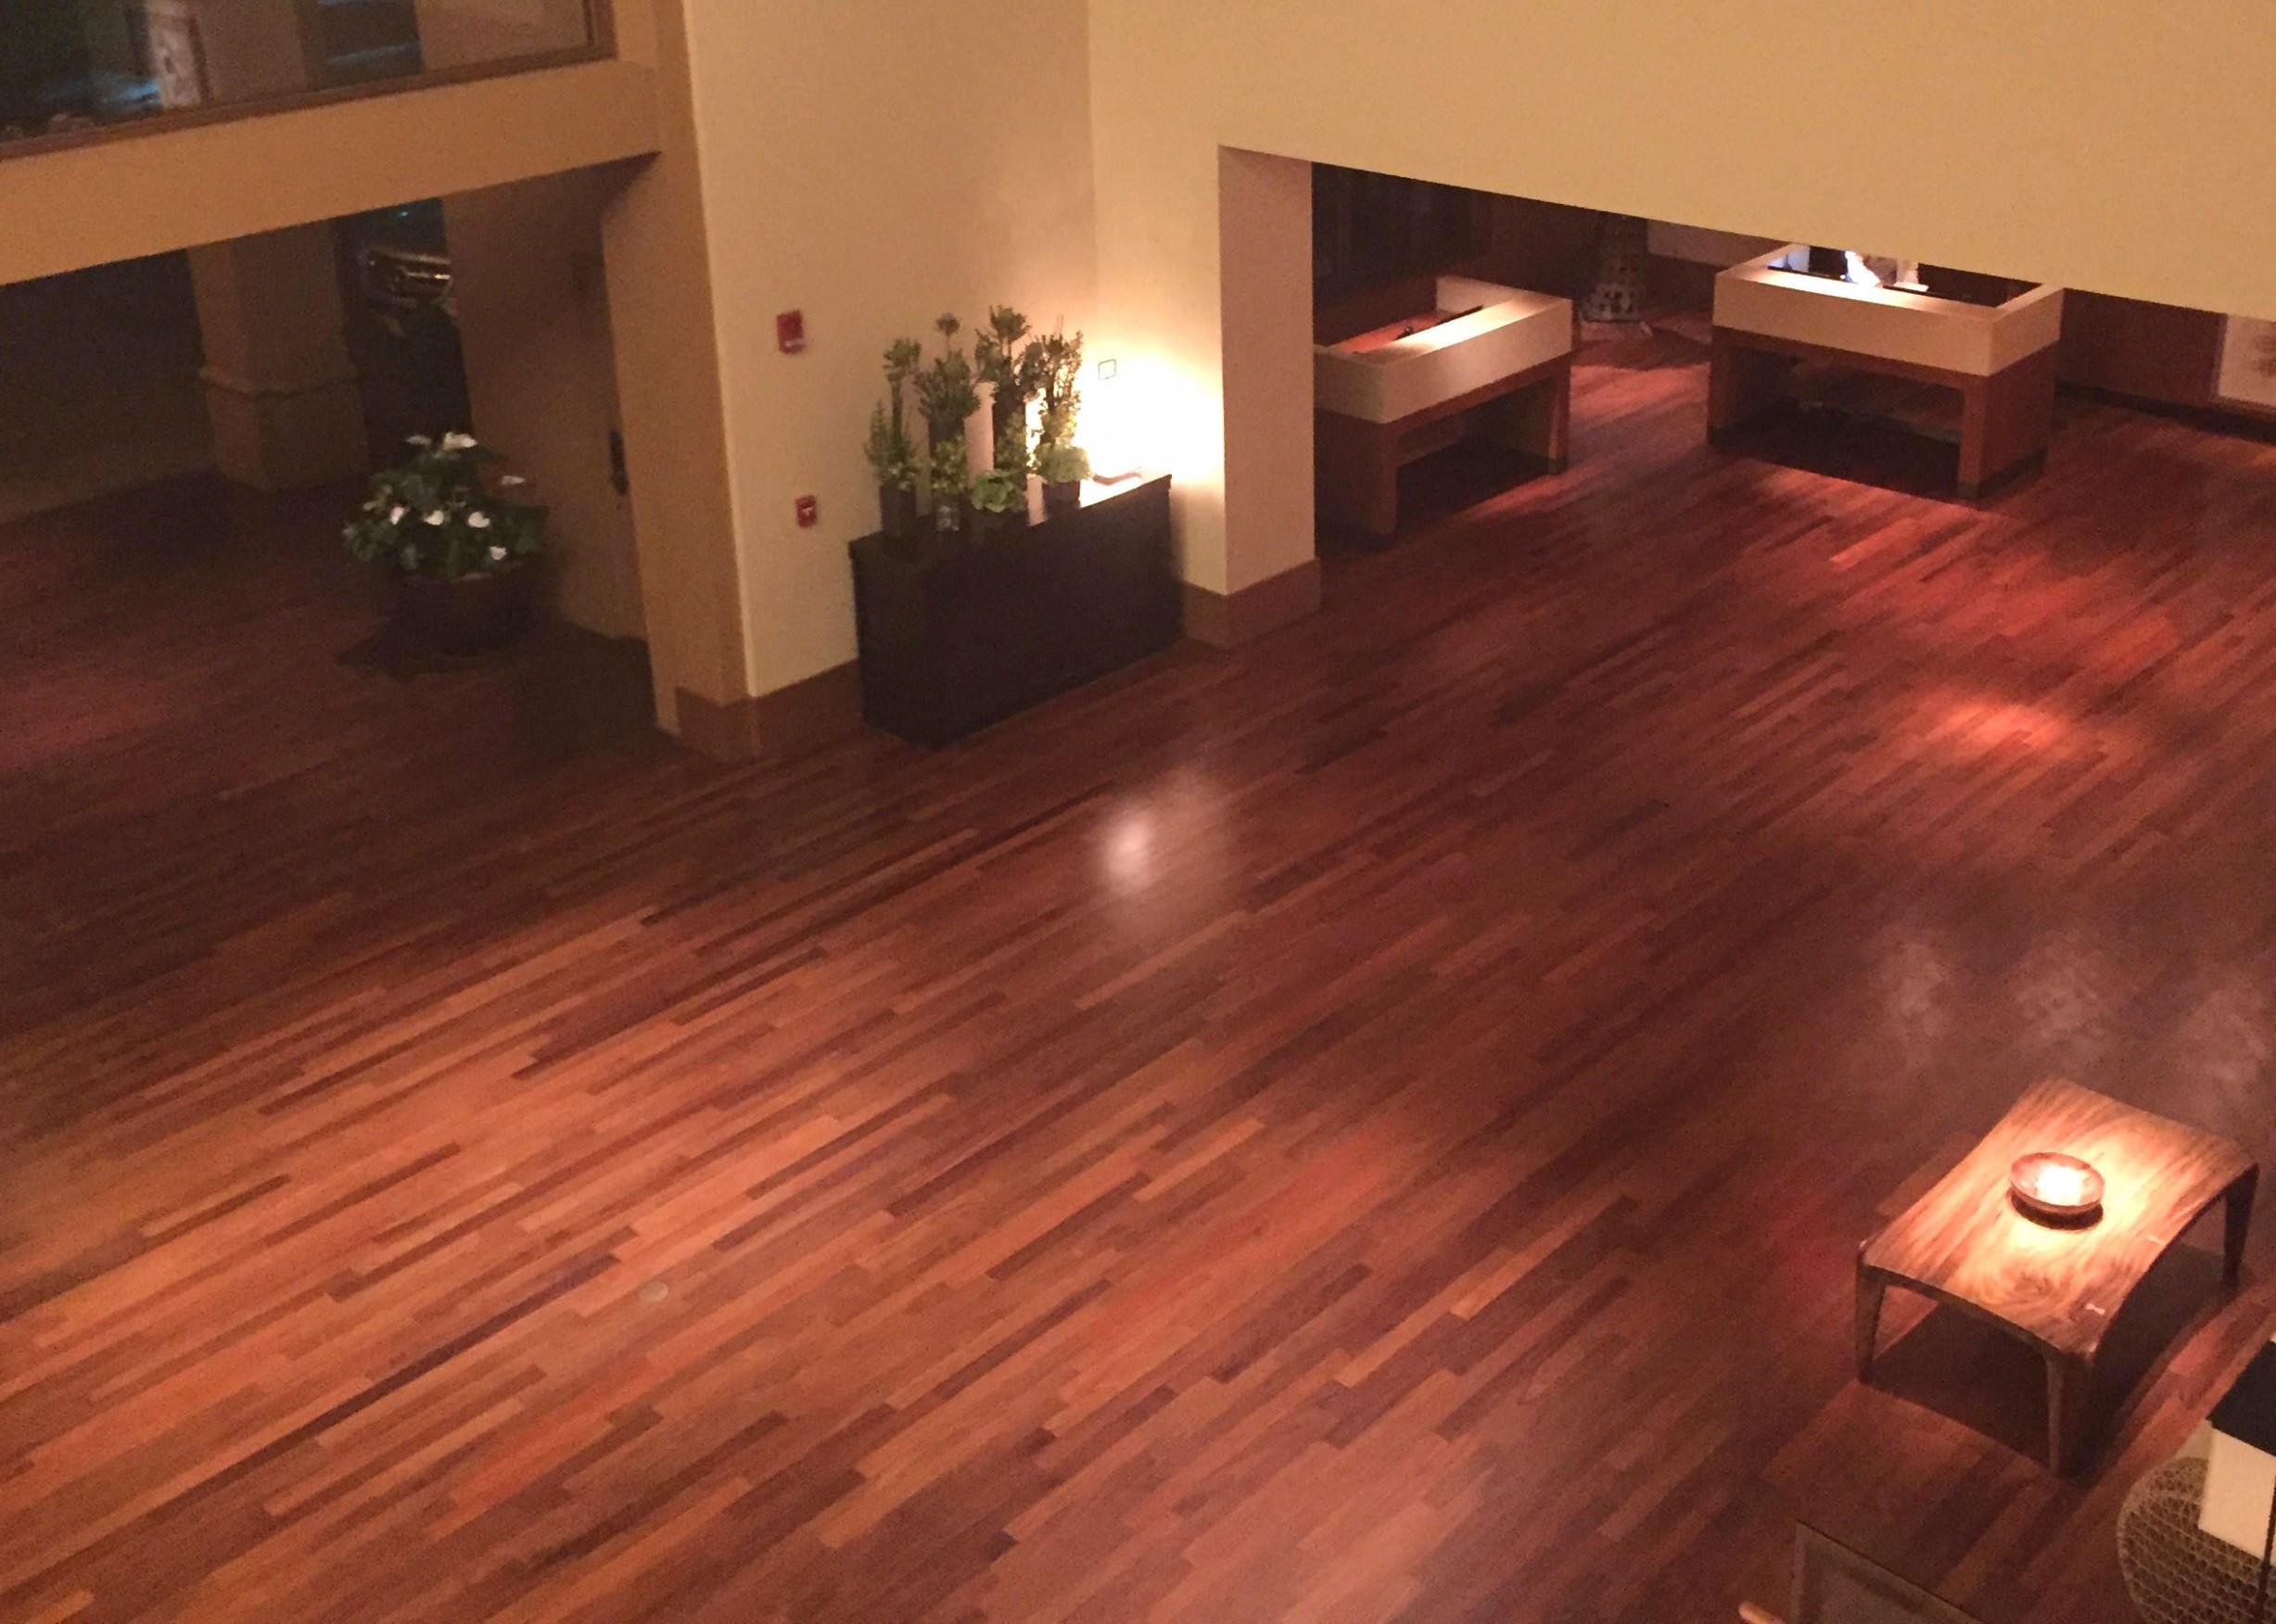 diy hardwood floor cost of wood floor cost hardwood floor installers sumptuous wood floor for cost of replacing wood floors cost of replacing wood floors average cost of replacing hardwood floors